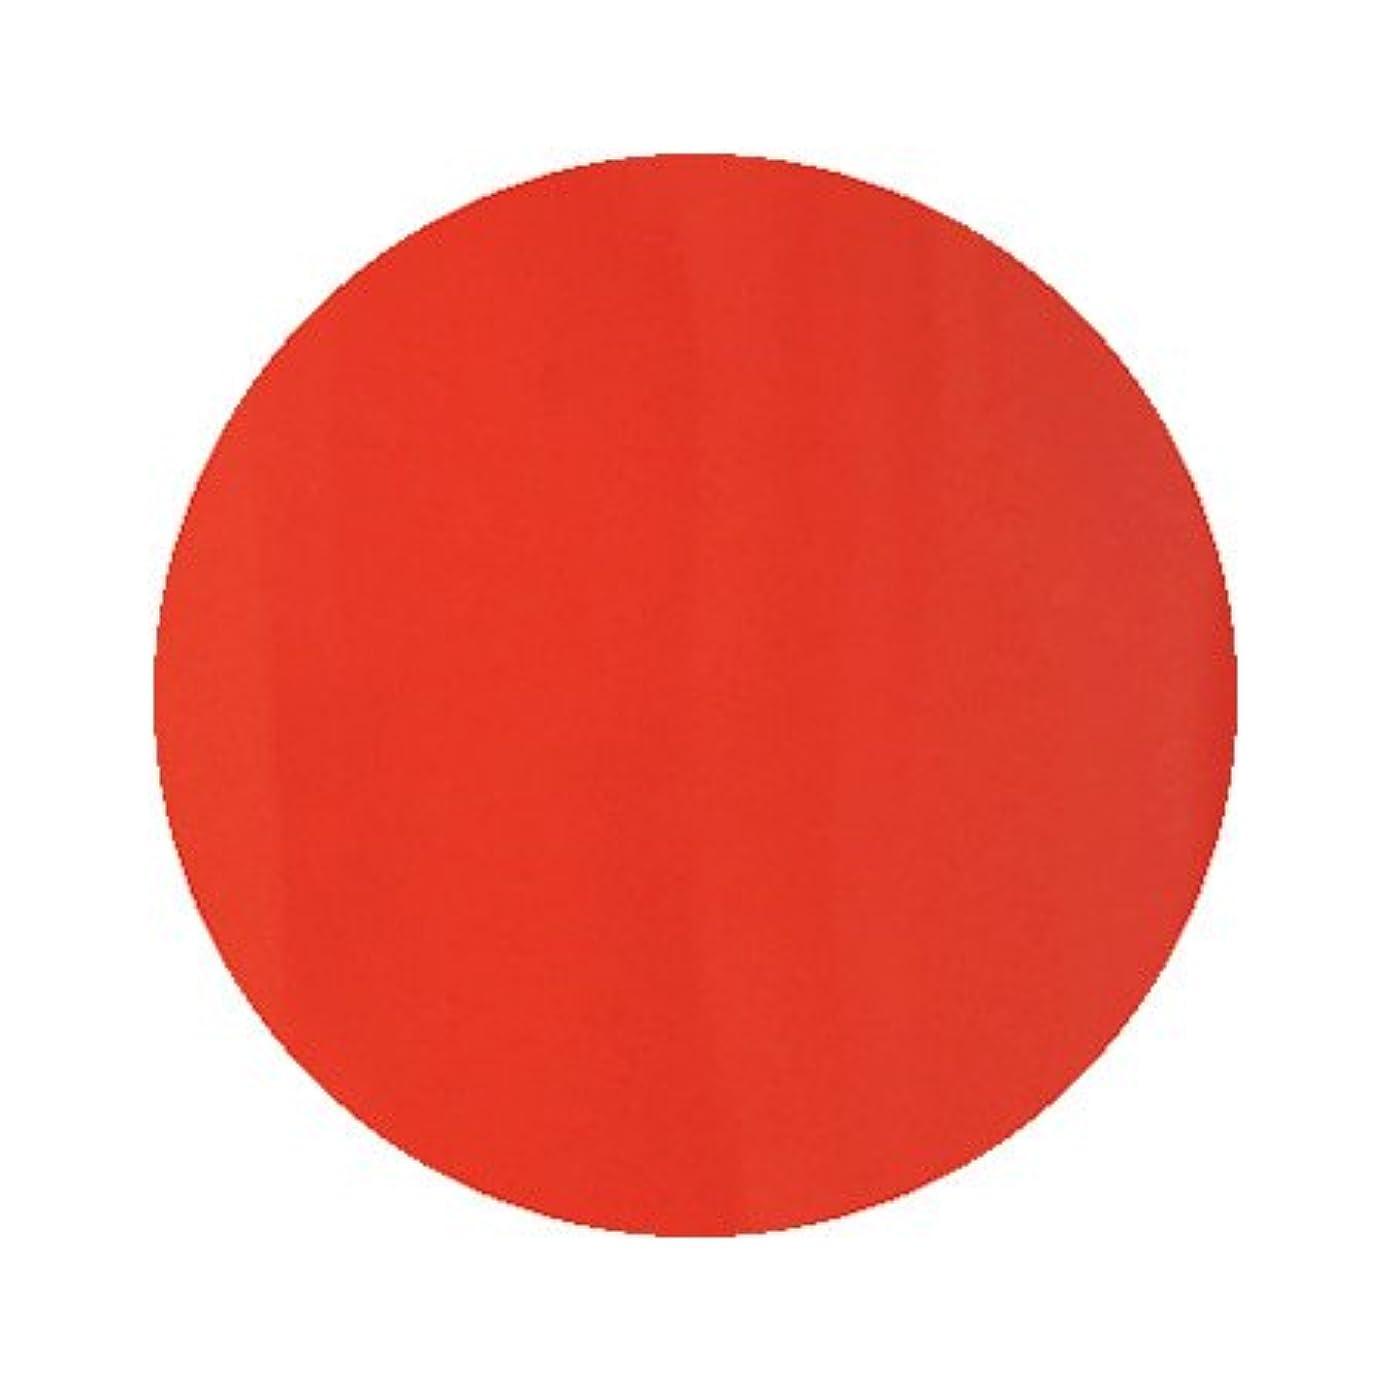 ディレクターマイナス民族主義パラポリッシュ ハイブリッドカラージェル V3 ブラッドオレンジ 7g